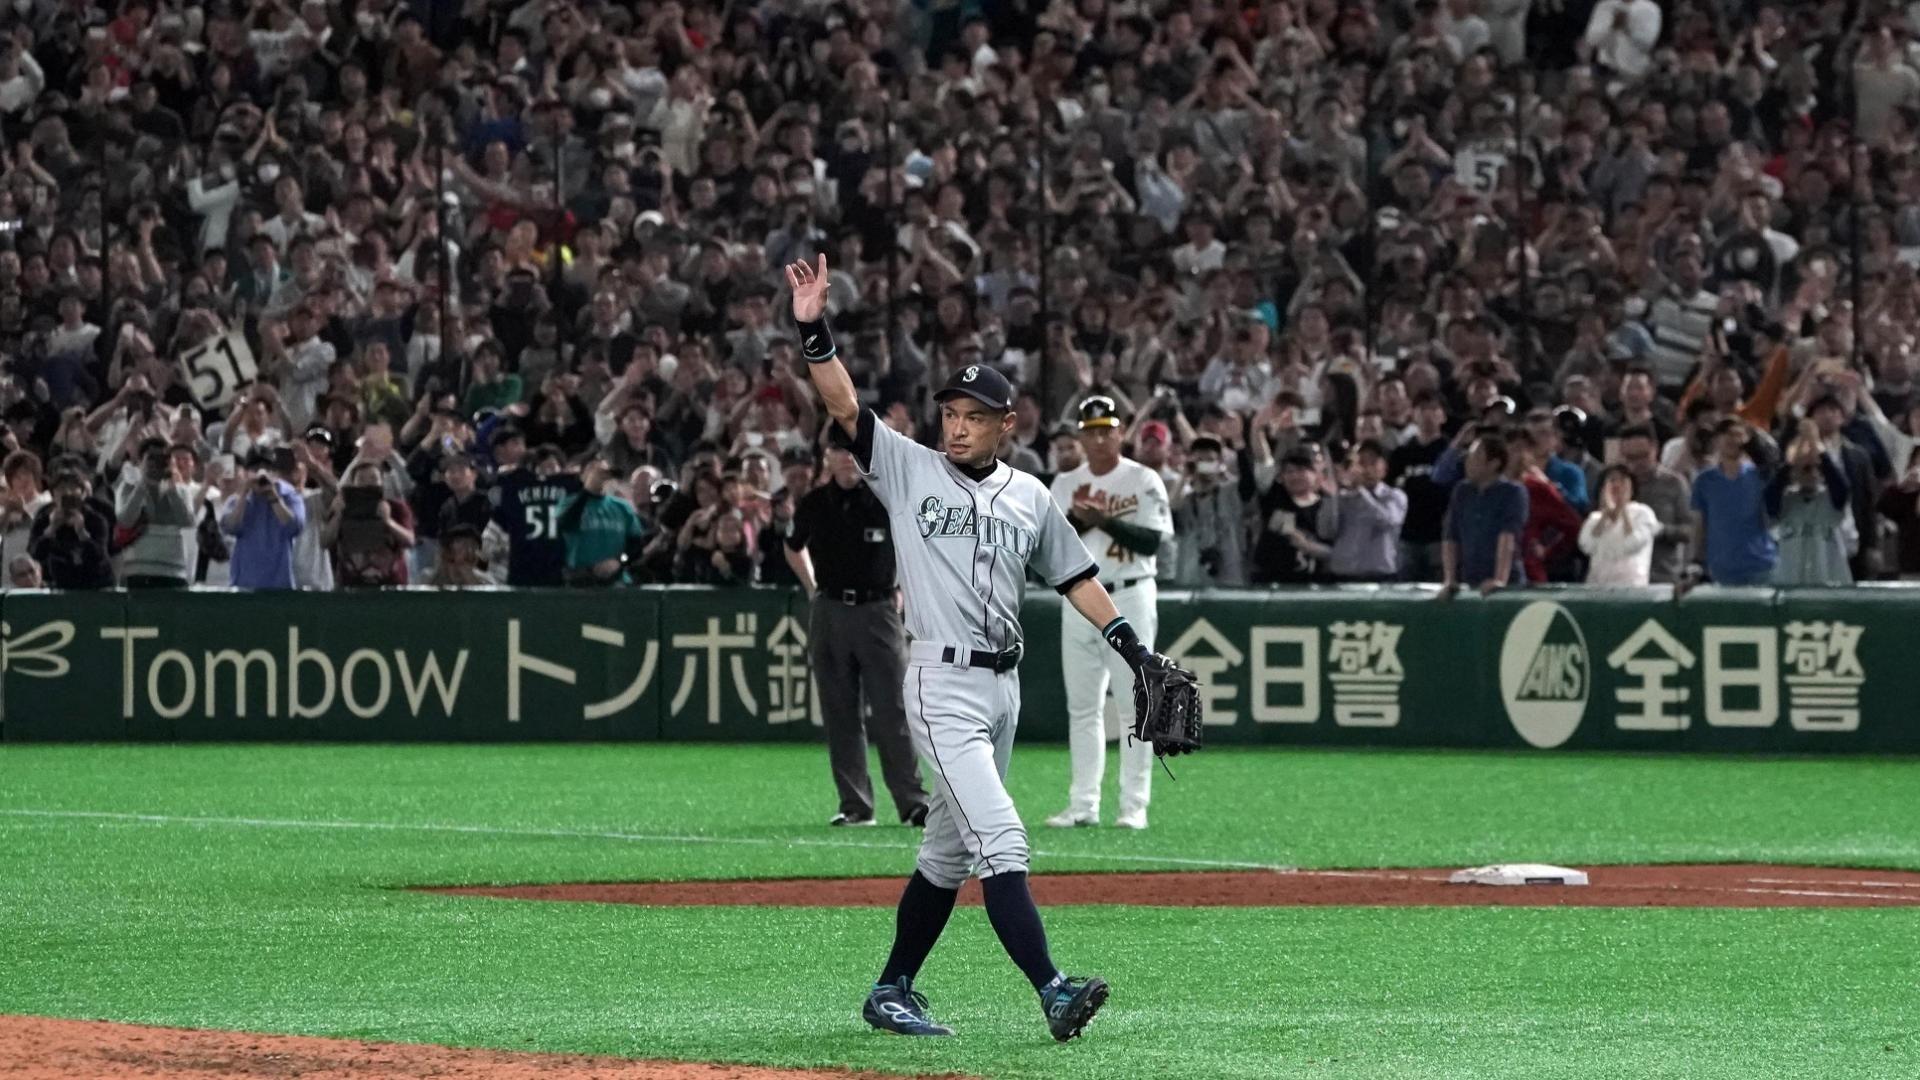 Em casa e ovacionado, Ichiro Suzuki se aposenta da MLB após dez All-Star Games e mais de três mil rebatidas